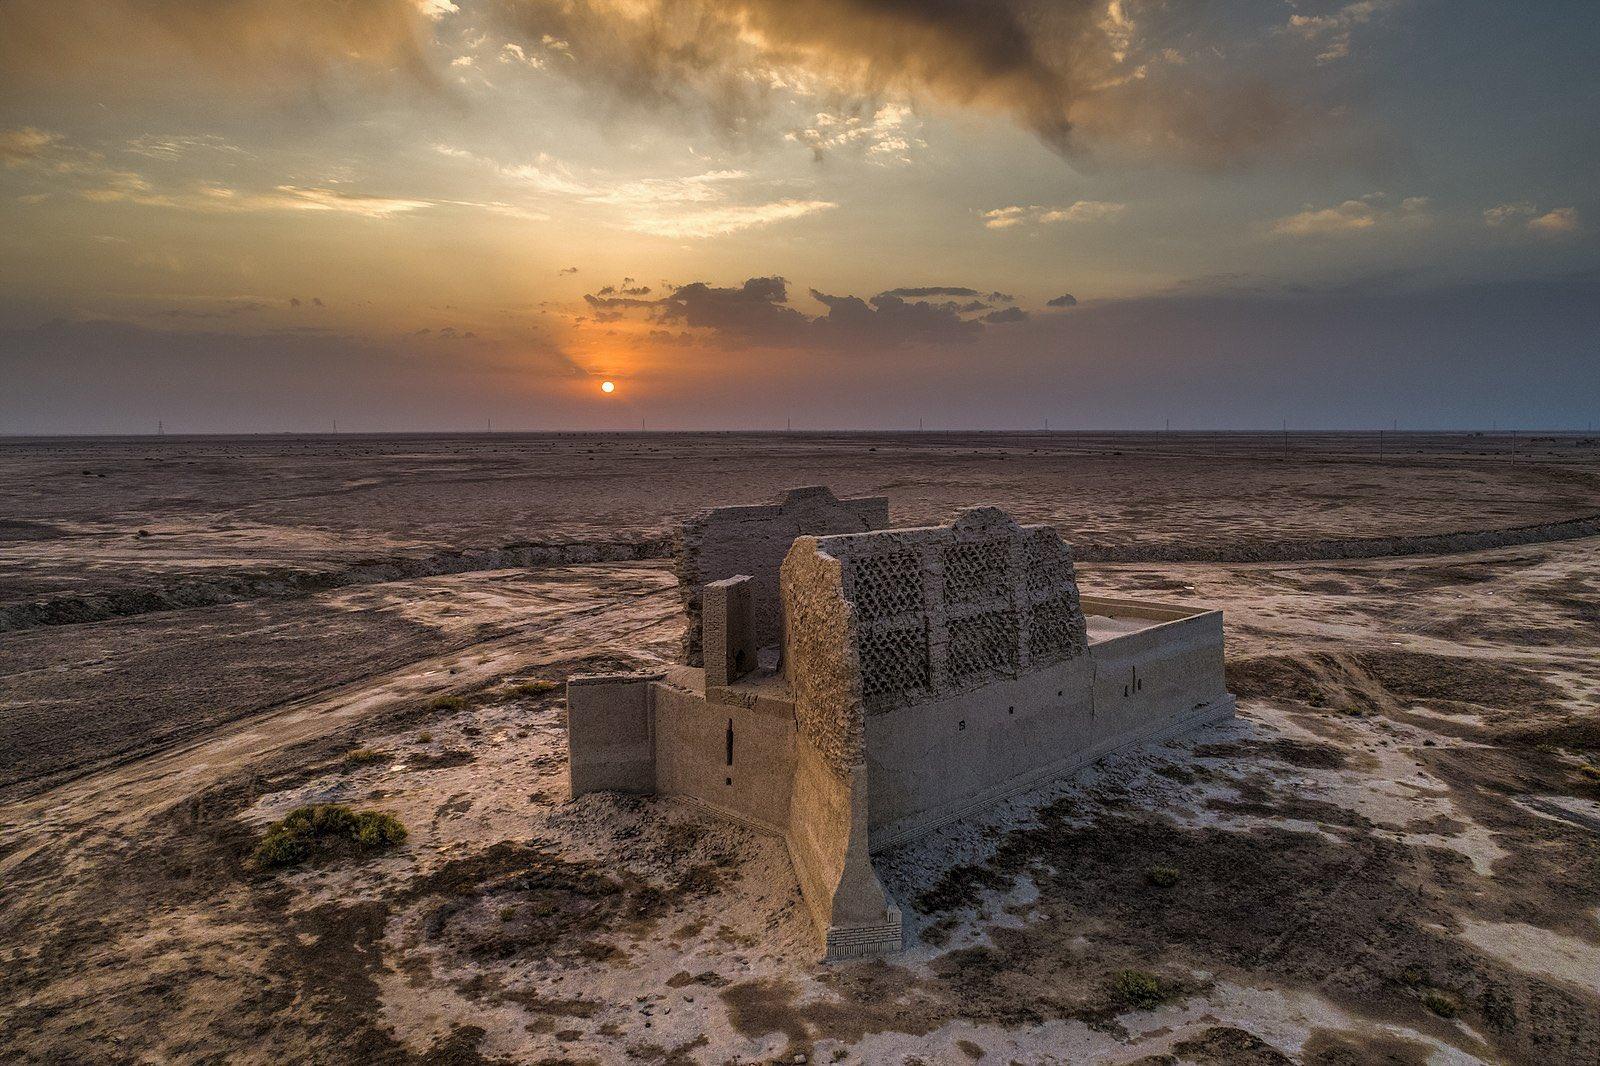 نمایی از آسیاب بادی در سیستان و بلوچستان